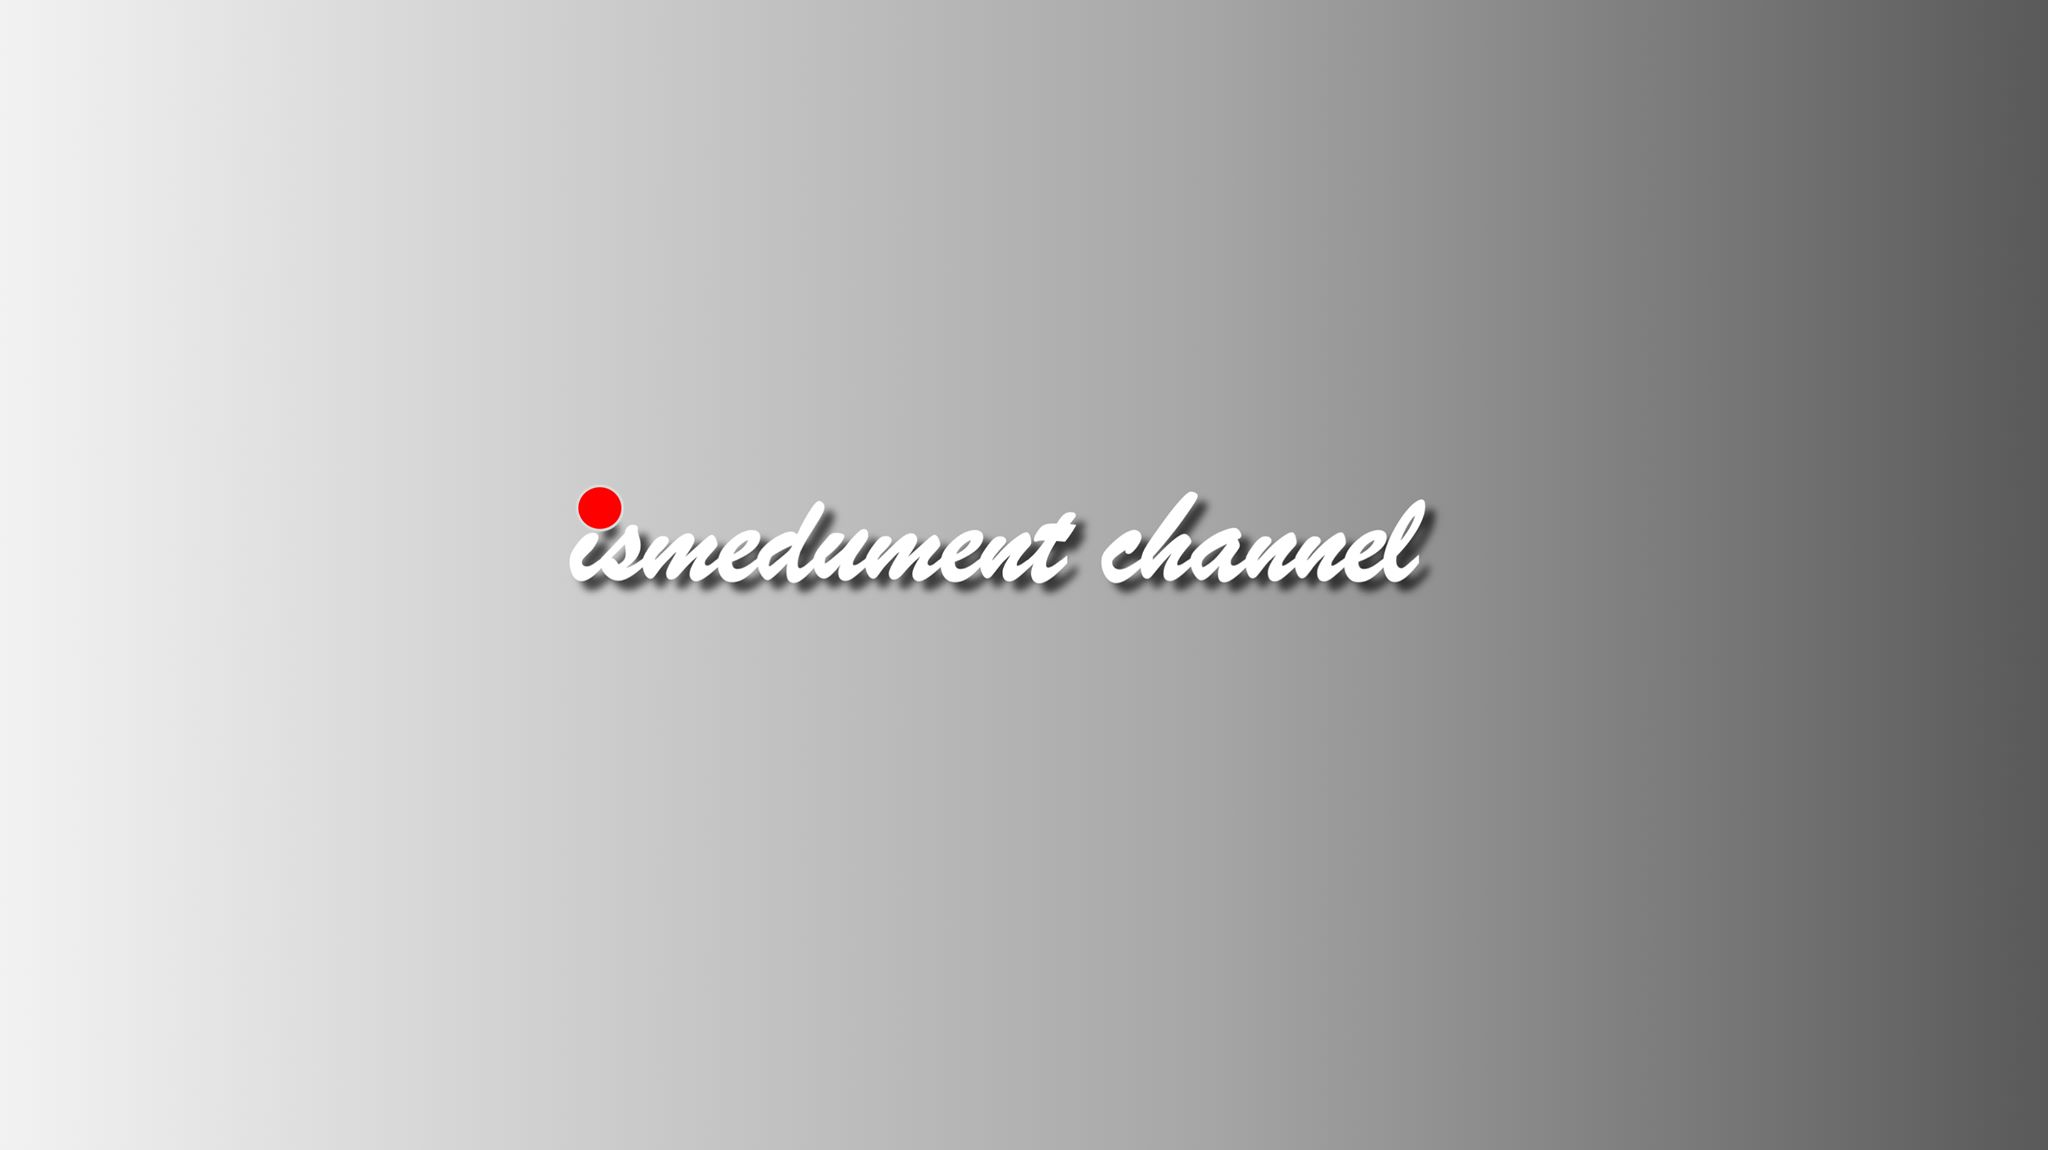 イズムエデュメントチャンネル